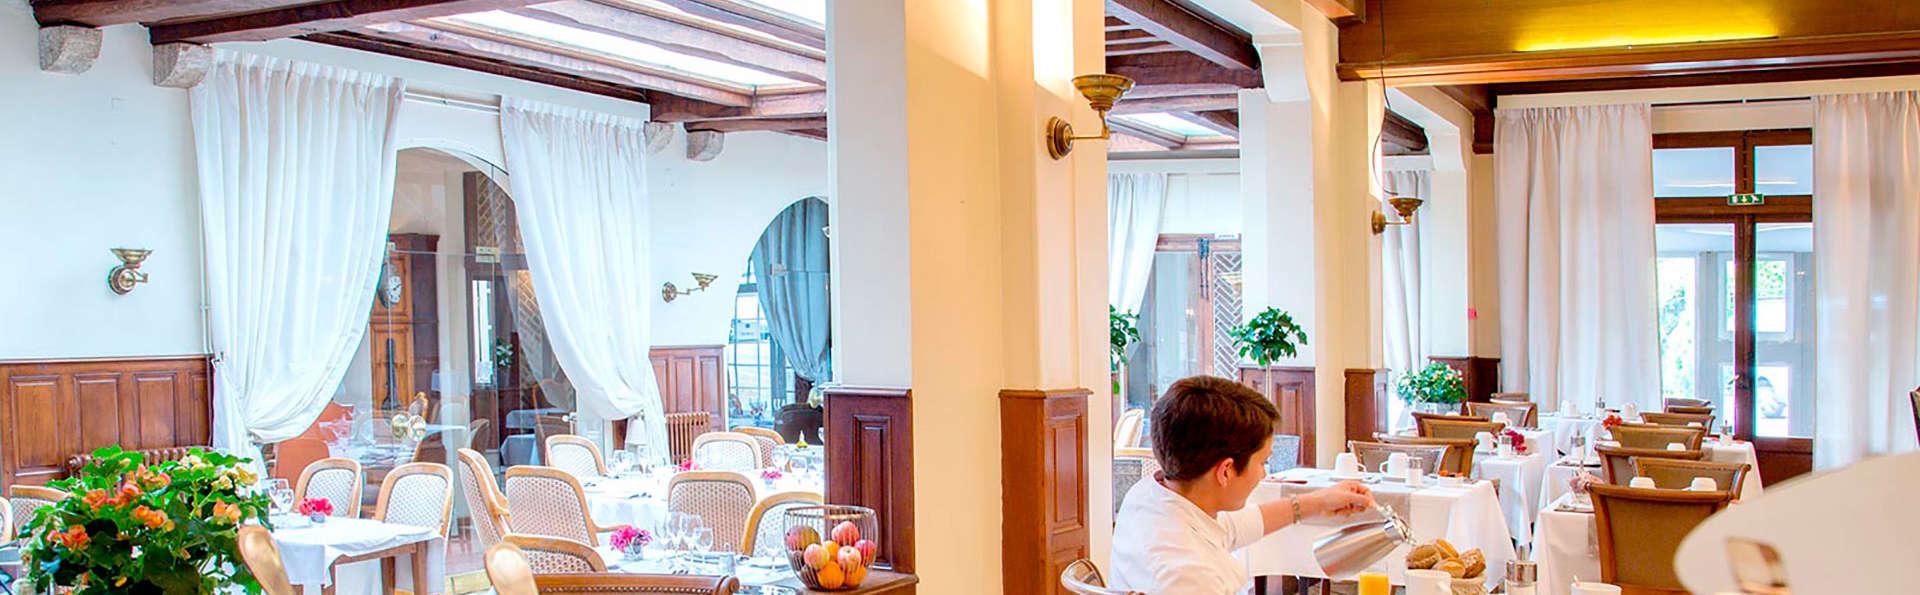 Relais des Trois Châteaux - edit_buffet1.jpg